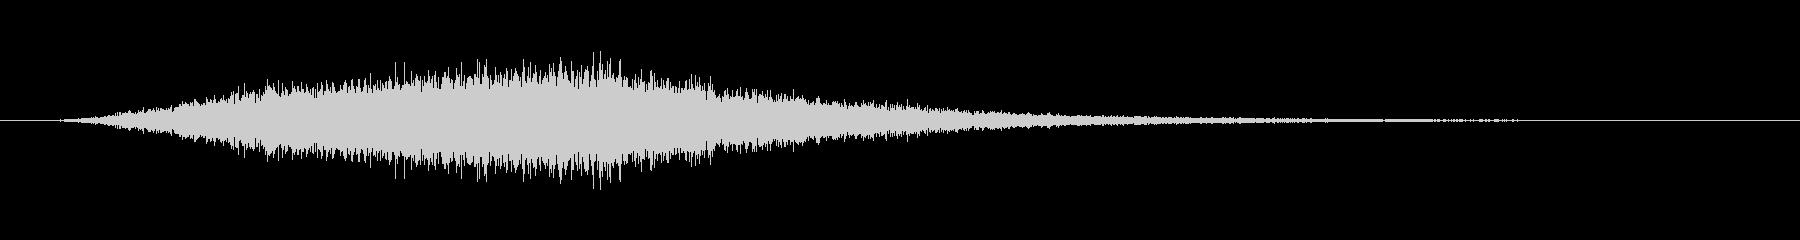 ヒューンと伸びてドンと衝撃のSF系の音の未再生の波形